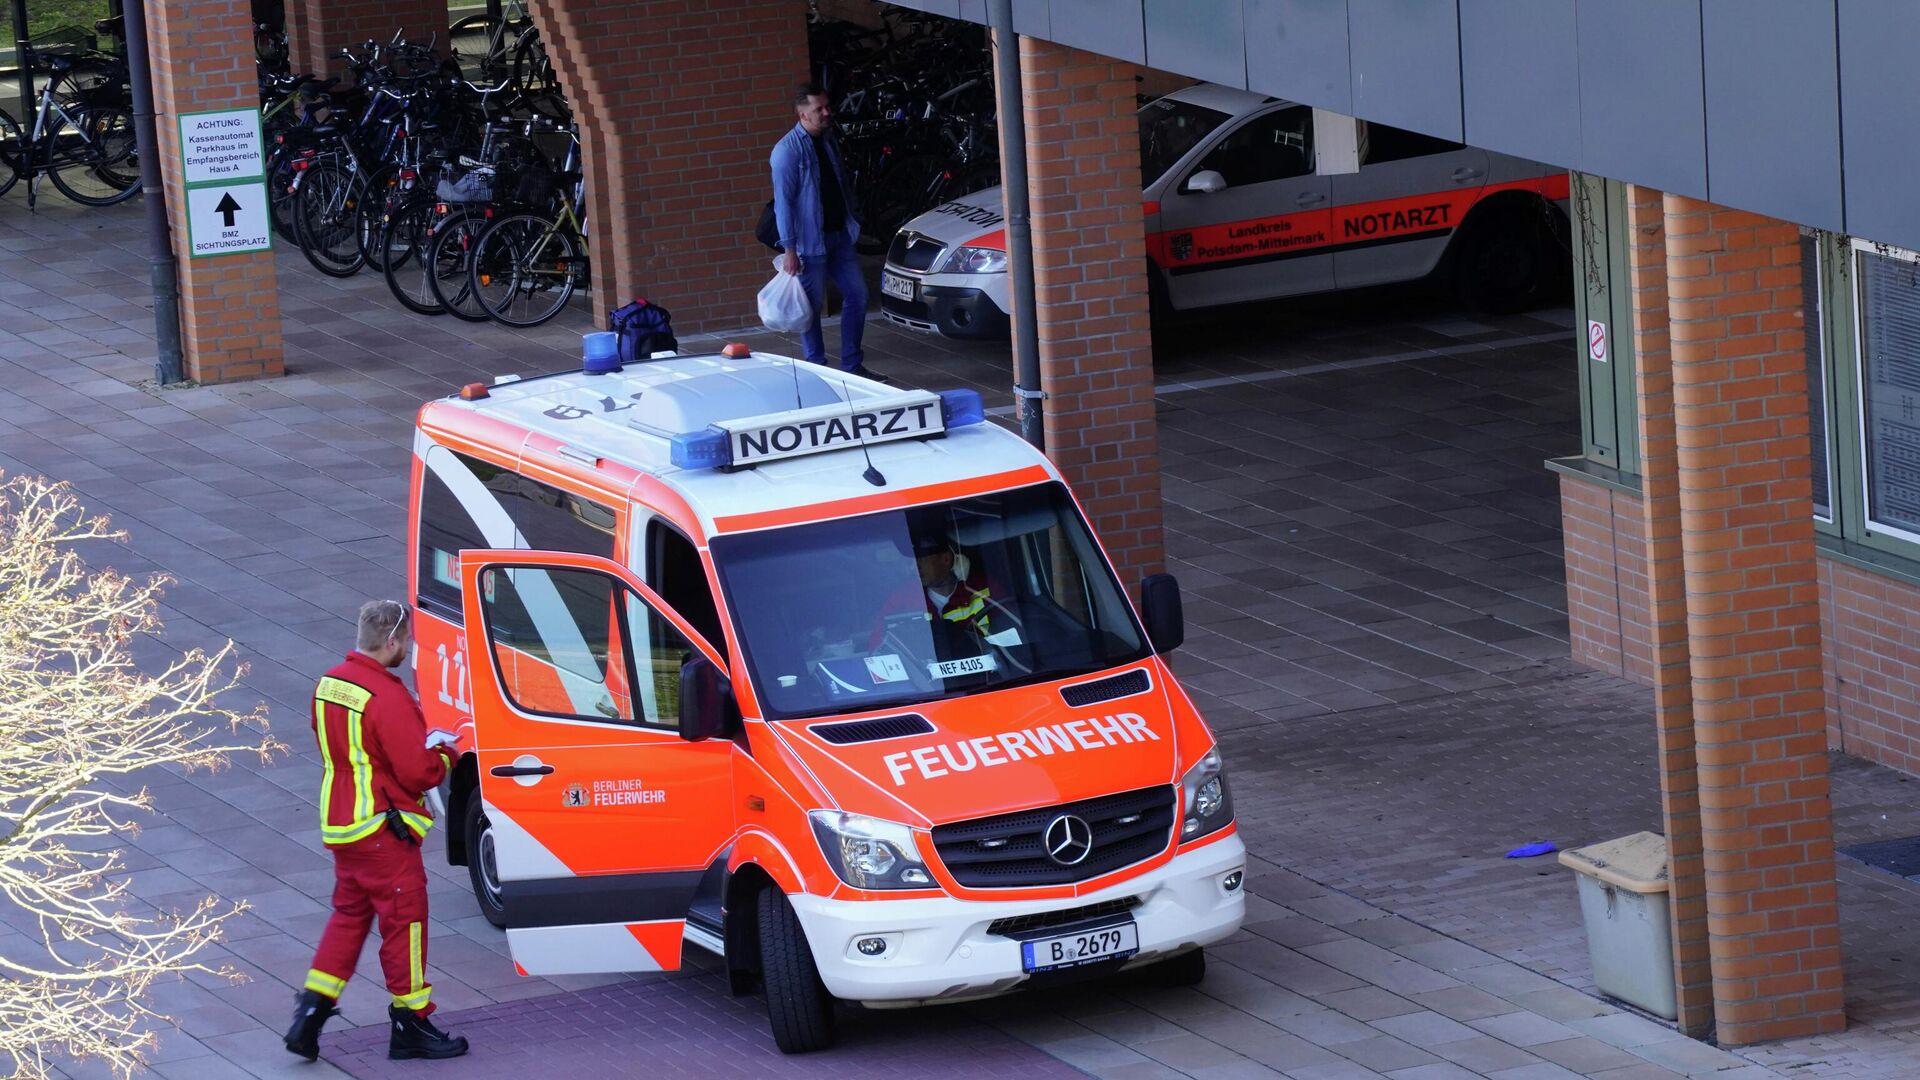 Автомобиль скорой помощи у больницы Хелиос-клиник Эмиль фон Беринг в Берлине - РИА Новости, 1920, 18.10.2020